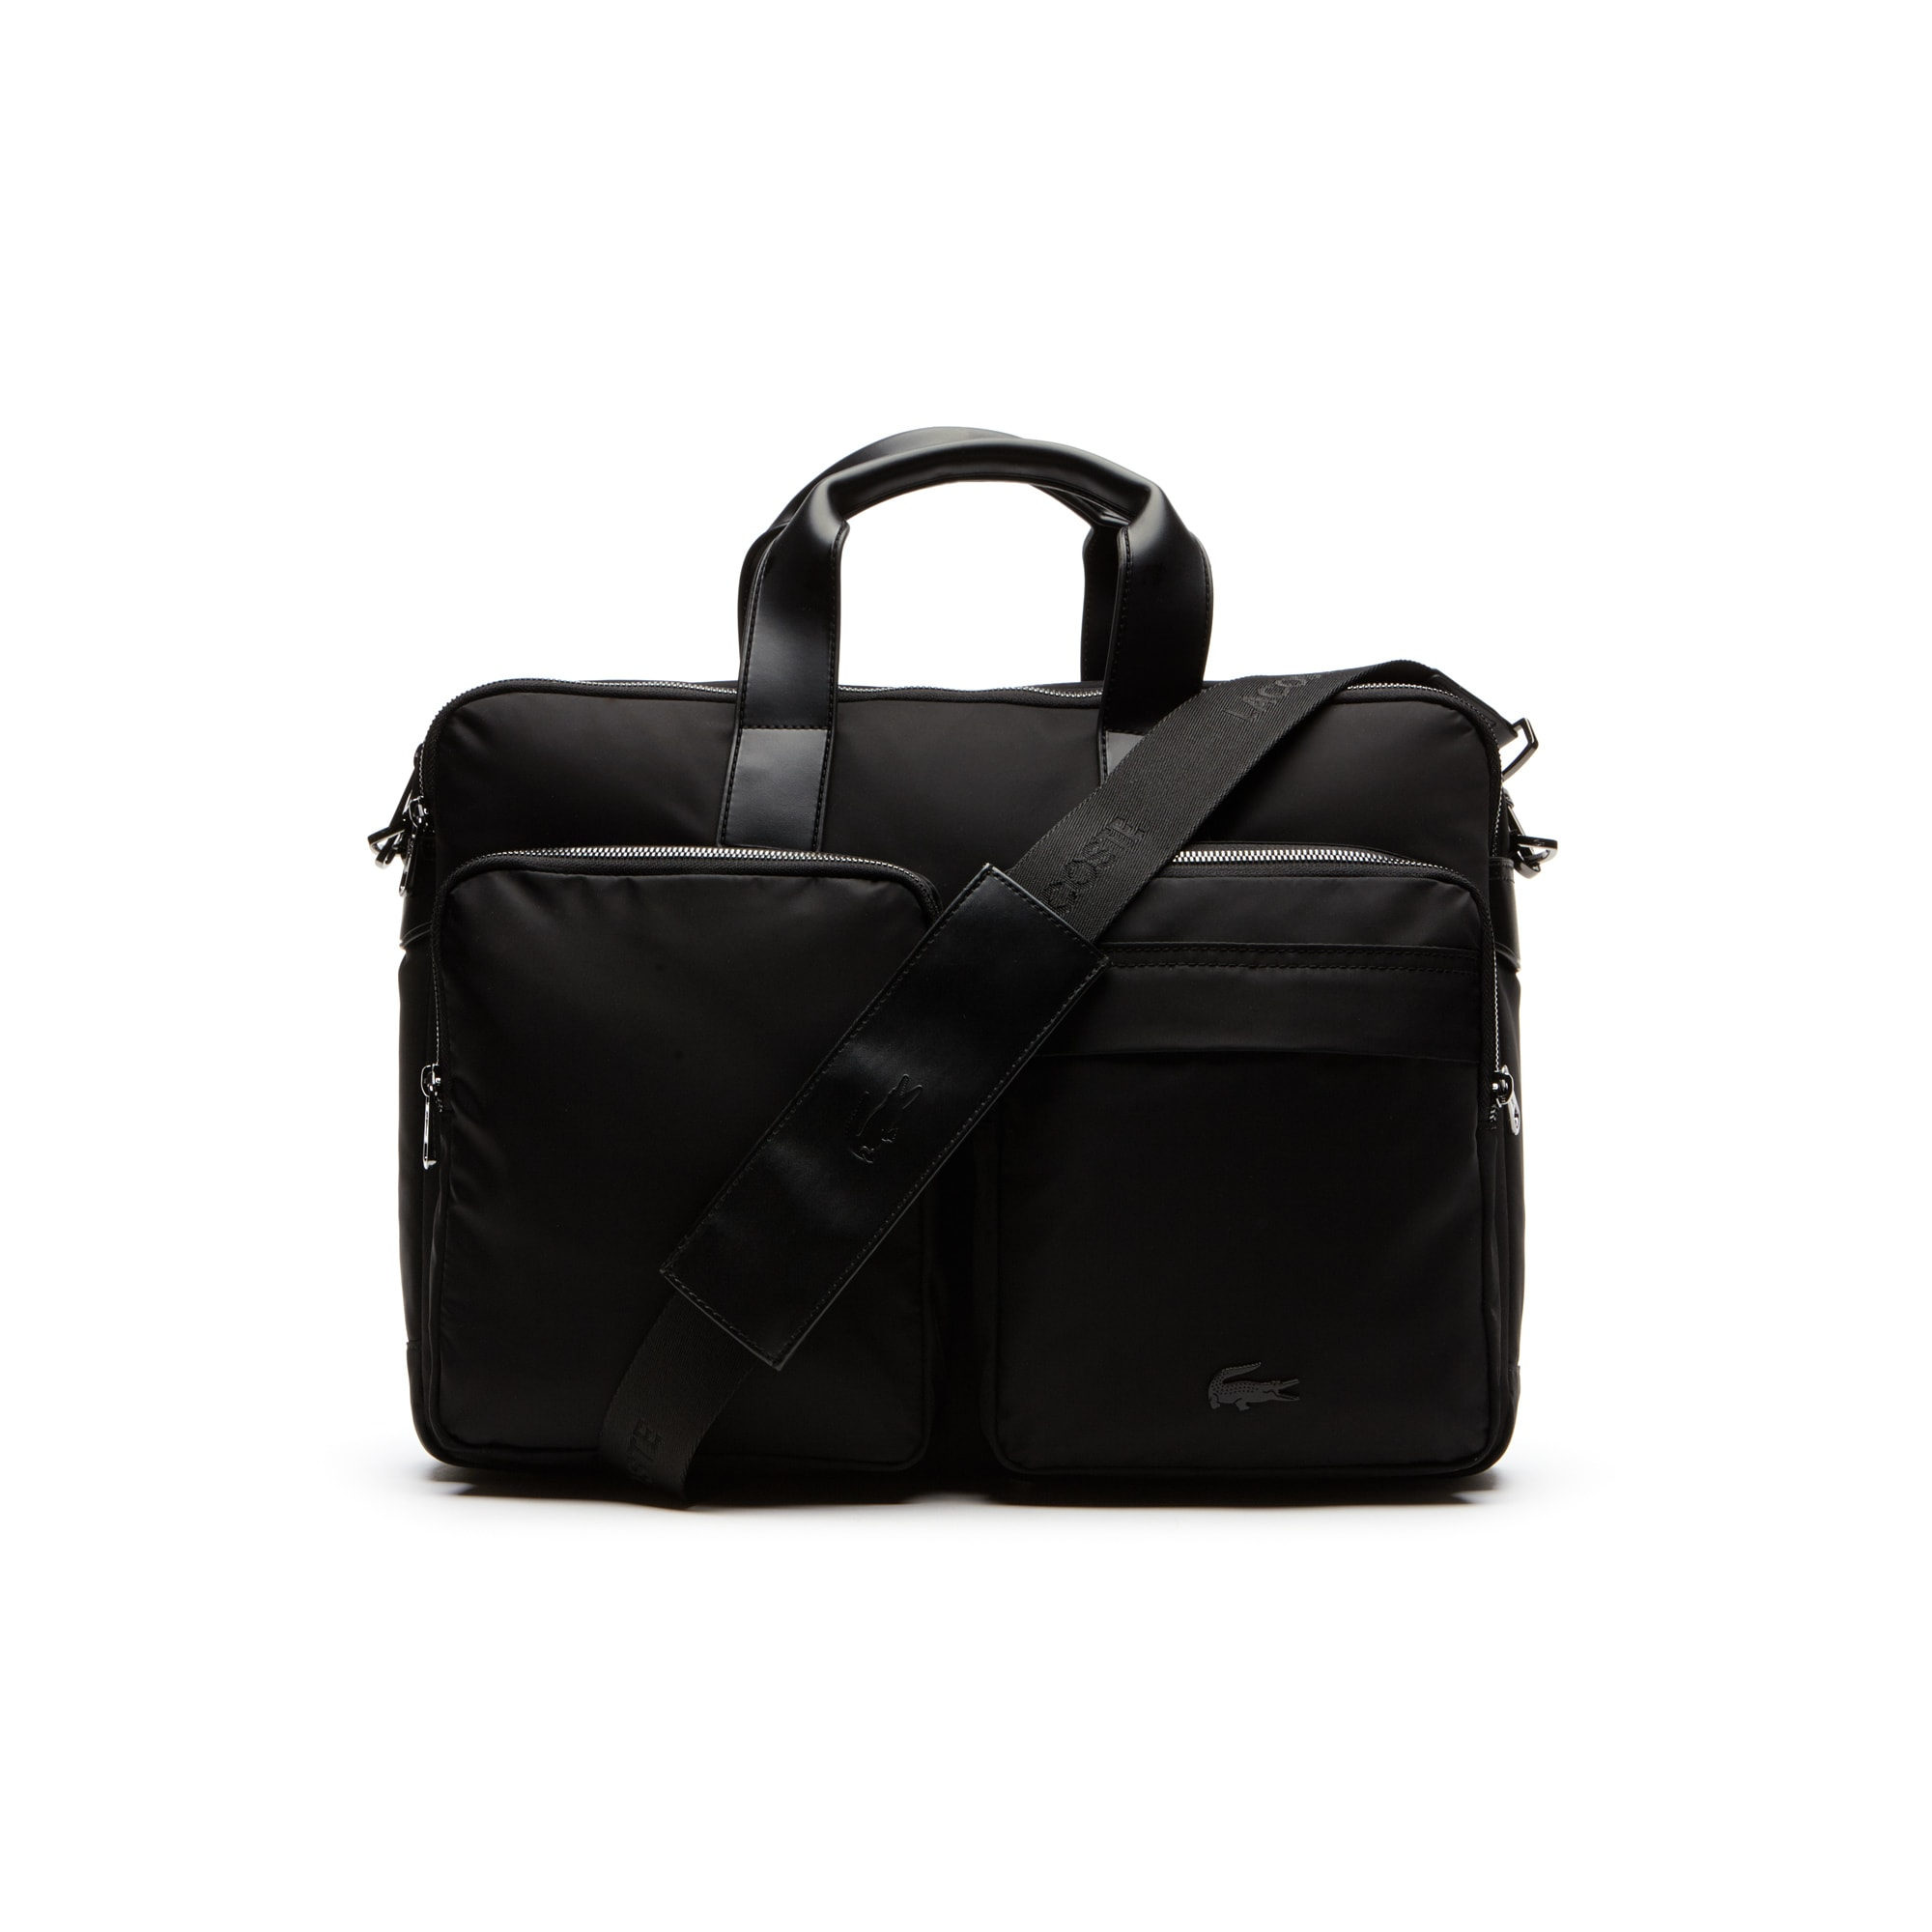 Leichte Herren-Laptoptasche PETE aus Nylon